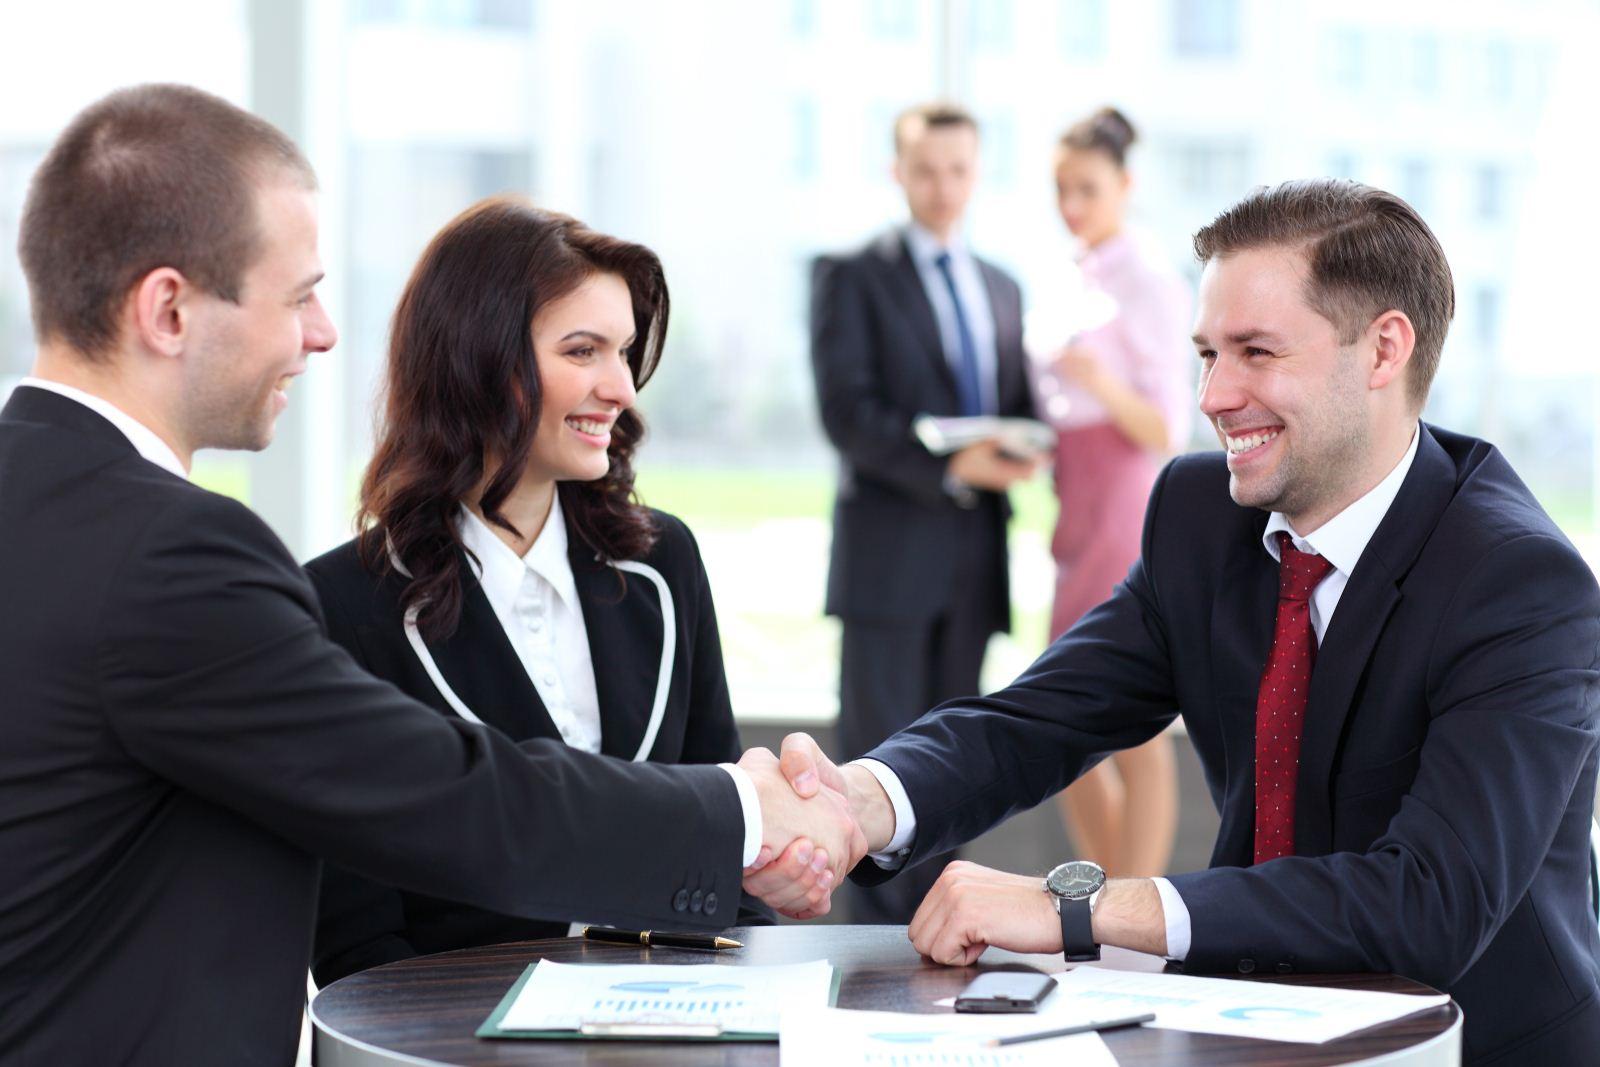 Giao tiếp trong kinh doanh kém sẽ dẫn đến nhiều hệ luỵ